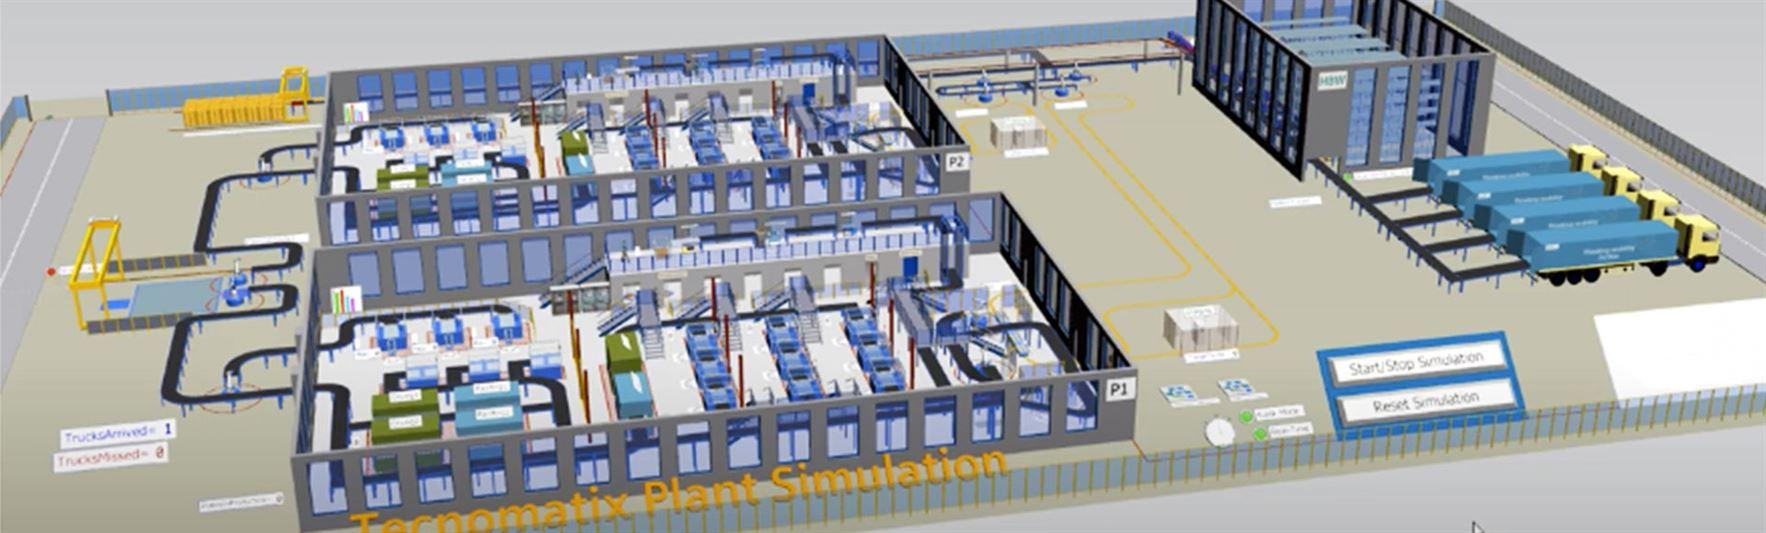 Simulazione 4.0 per il re-layout di fabbrica e l'ottimizzazione dei flussi